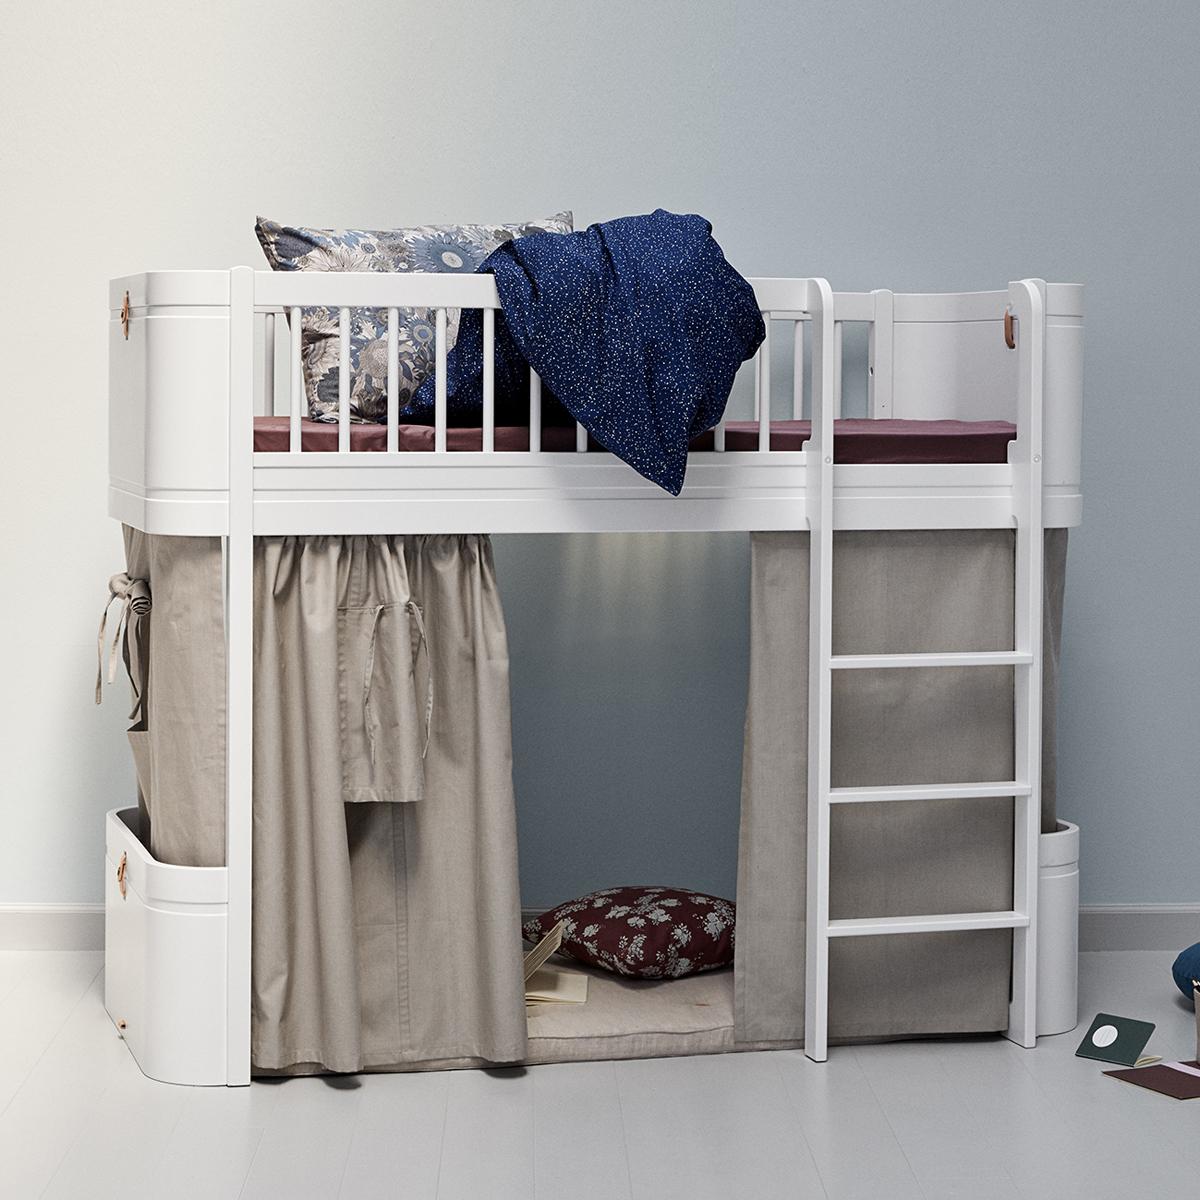 oliver furniture wood mini halbhohes hochbett weiss h he 132cm dannenfelser kinderm bel. Black Bedroom Furniture Sets. Home Design Ideas